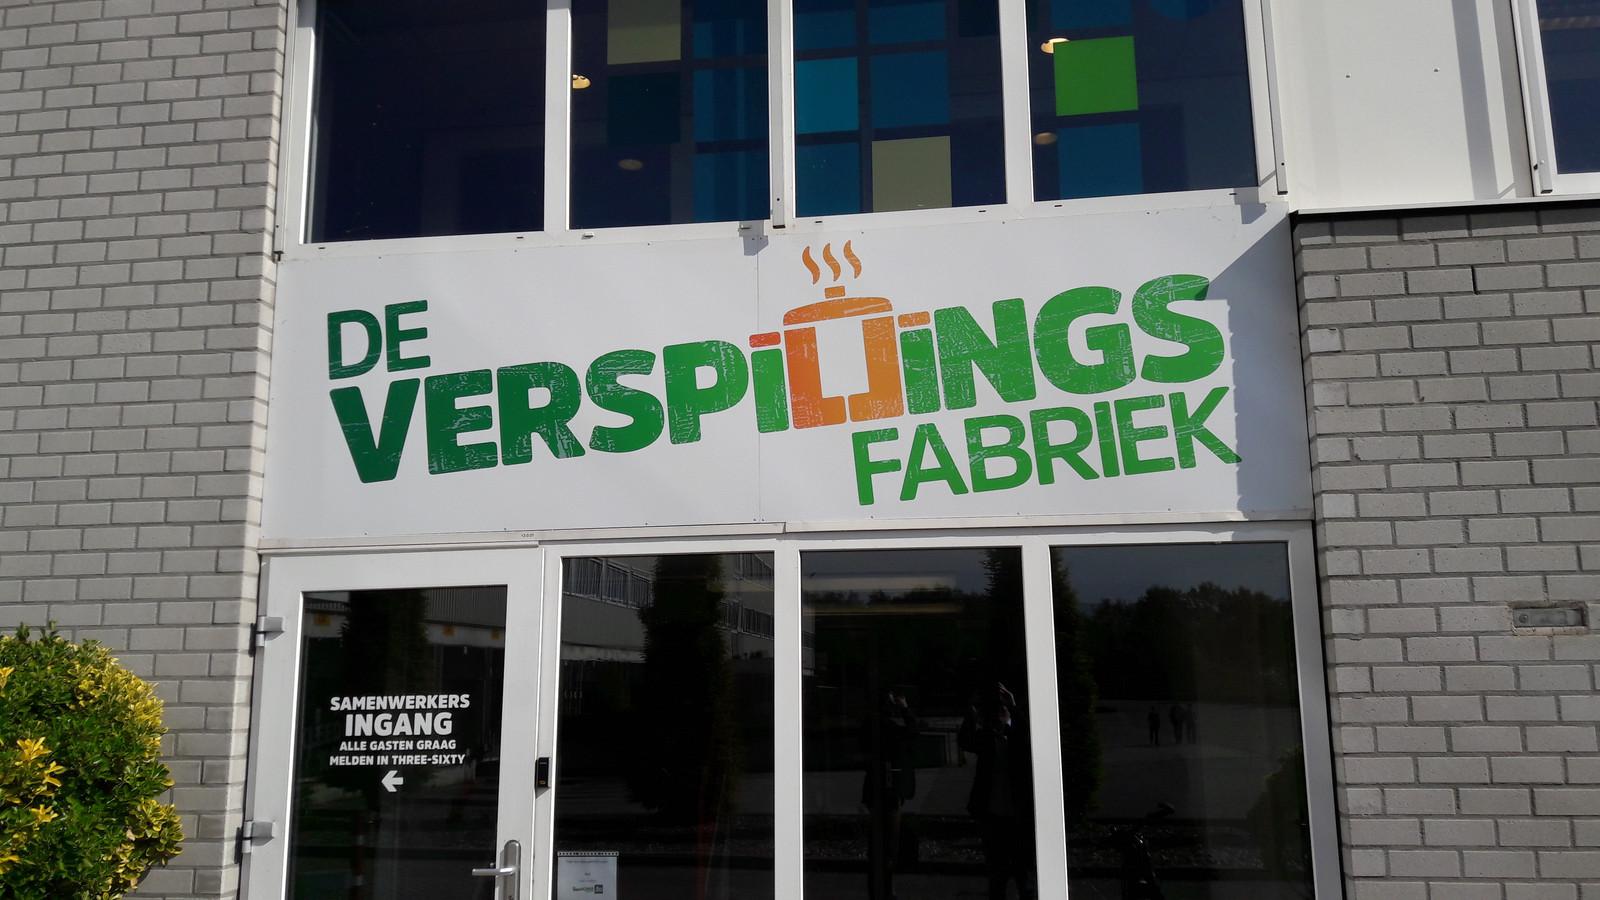 De verspillingsfabriek in Veghel is mede door de hulp van Agrifood Capital ontstaan.